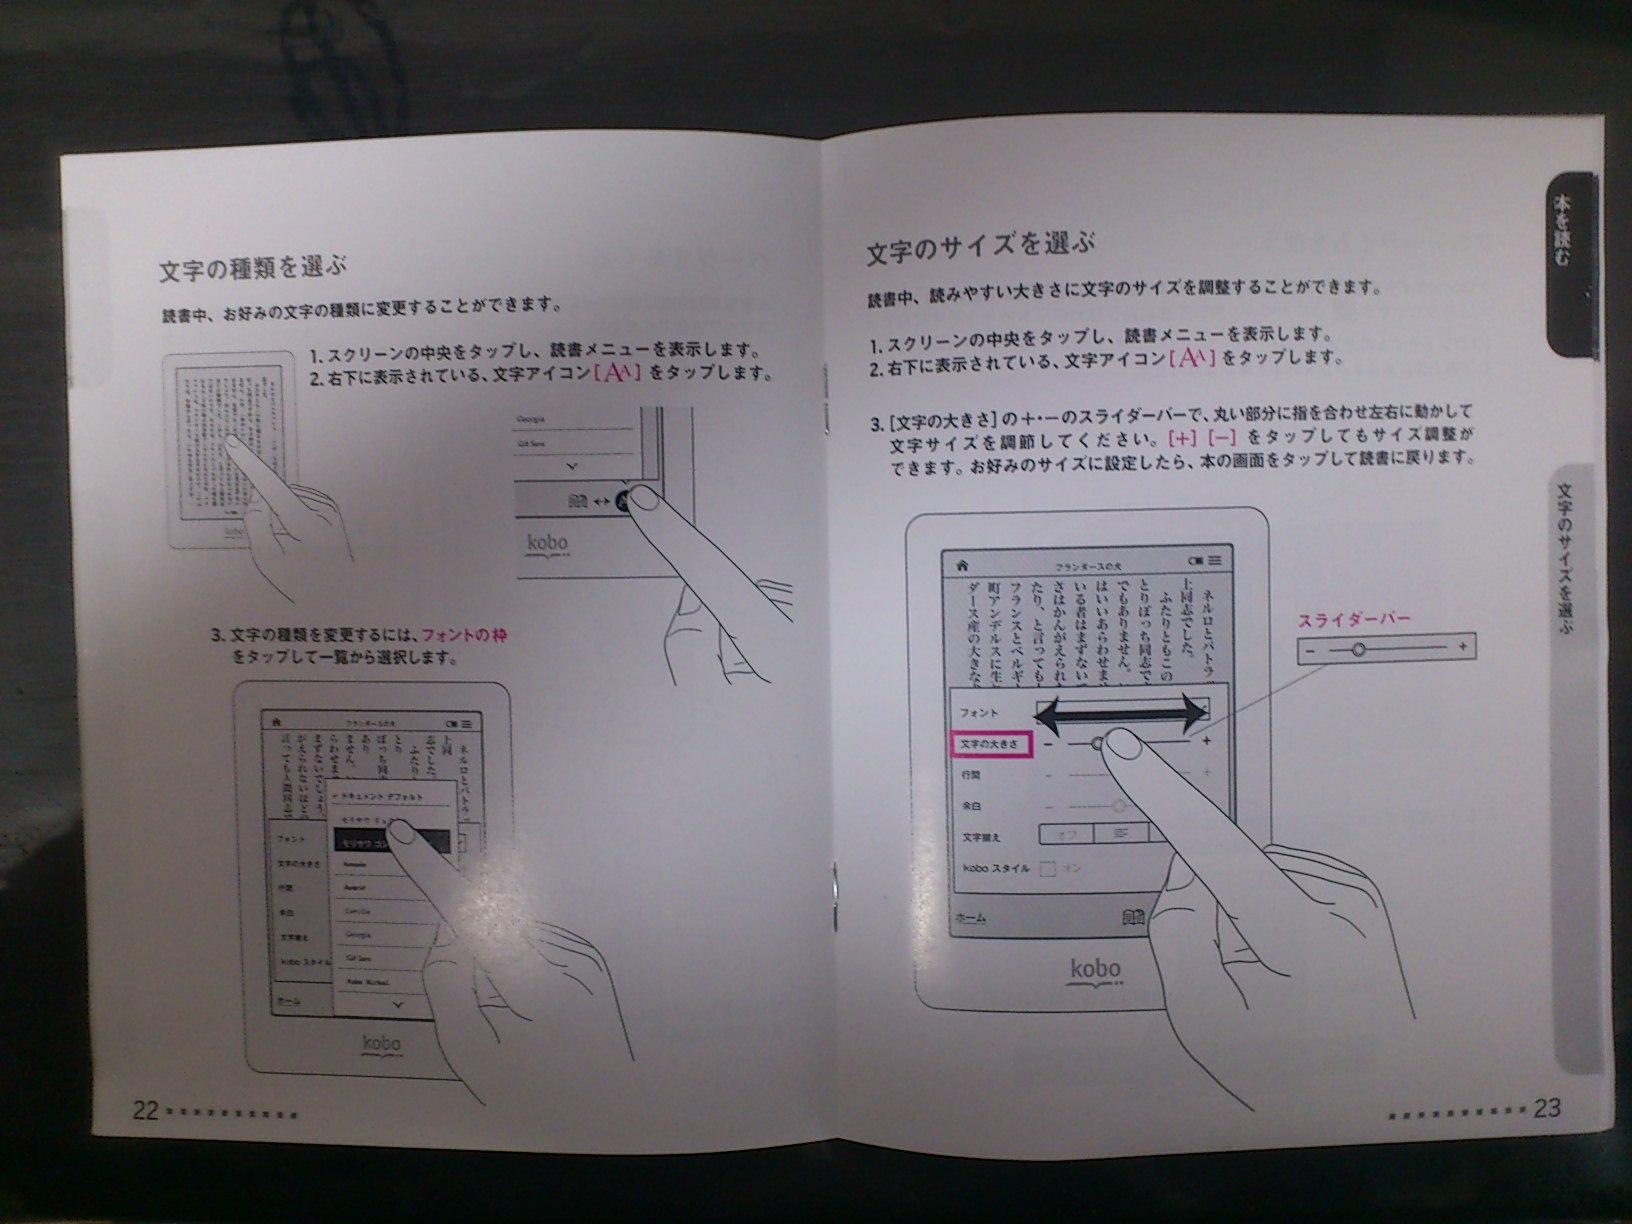 kobo_glo_manual1.jpg